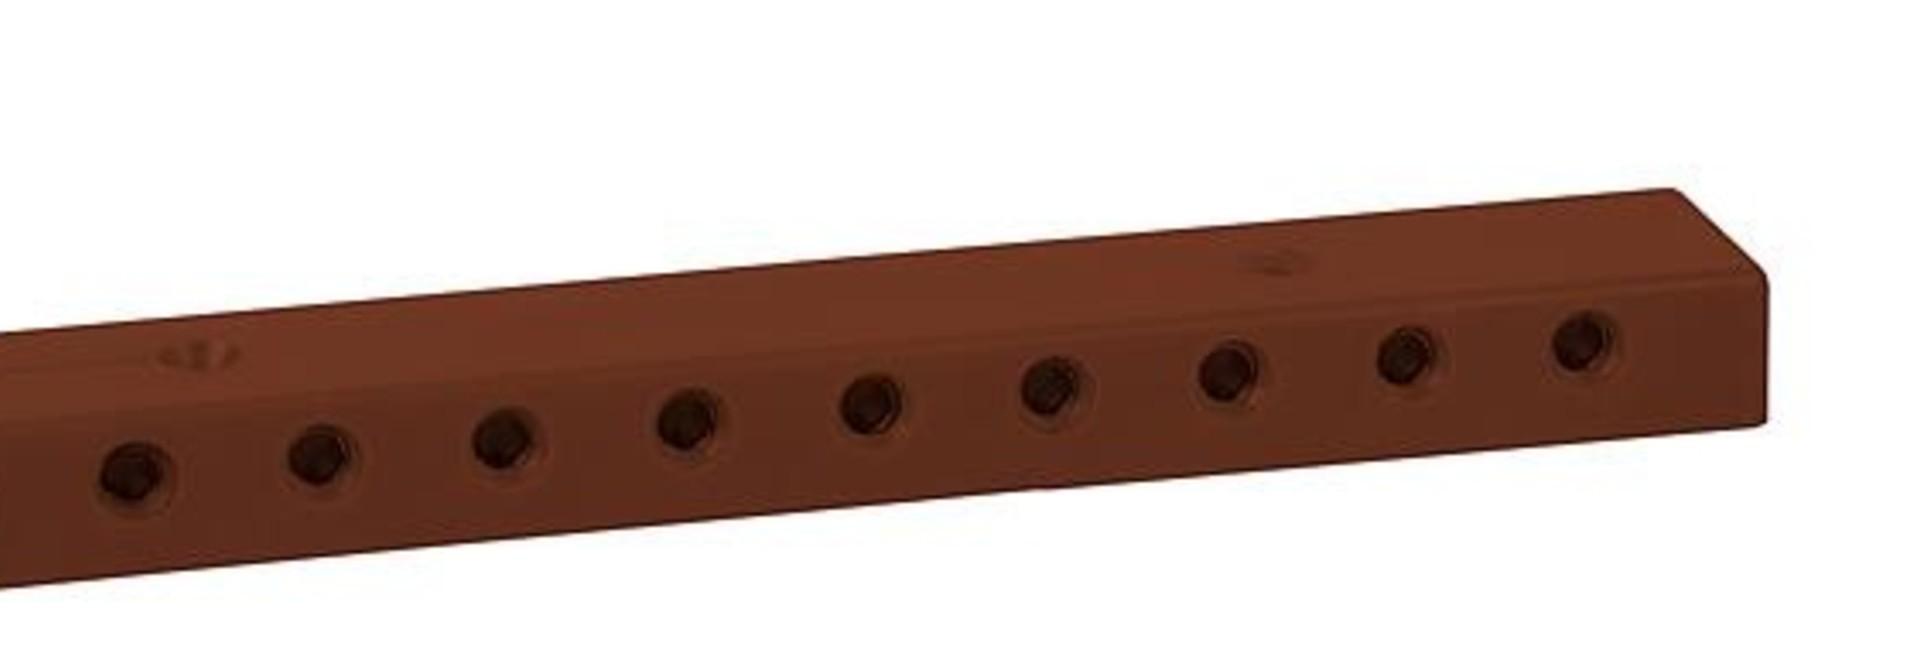 180807 verdeelplaat bruin